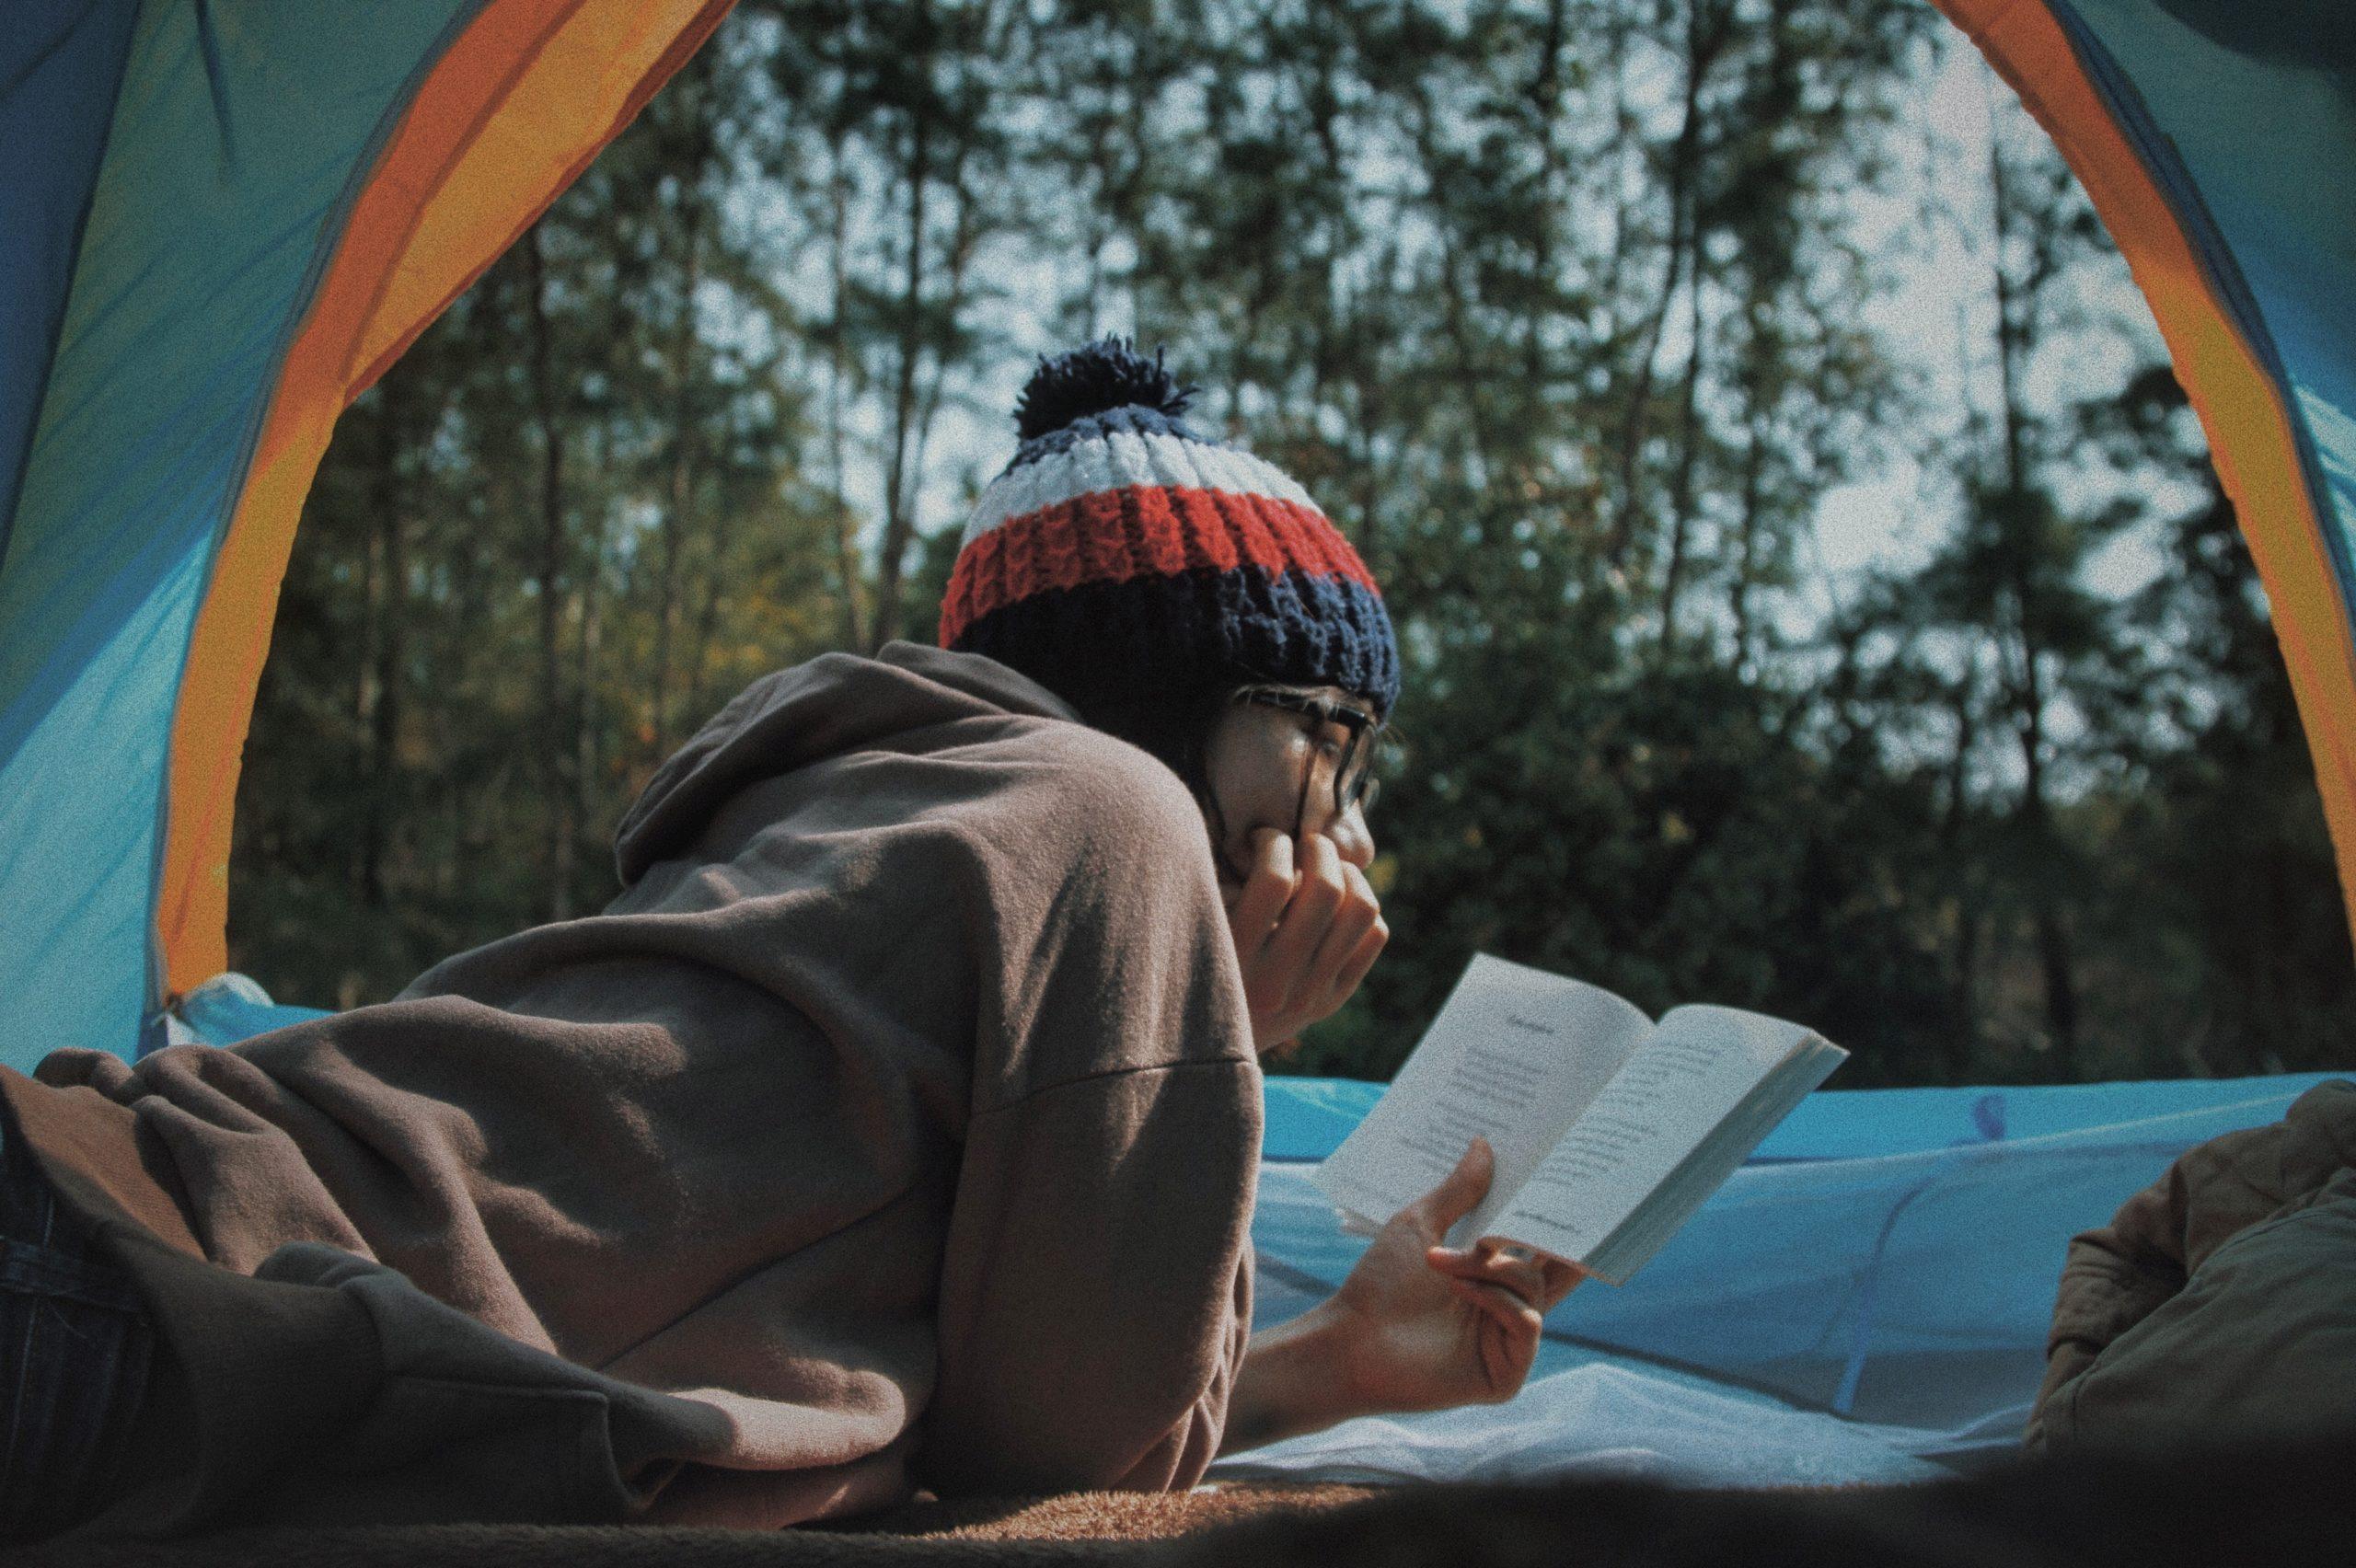 キャンプ 読書